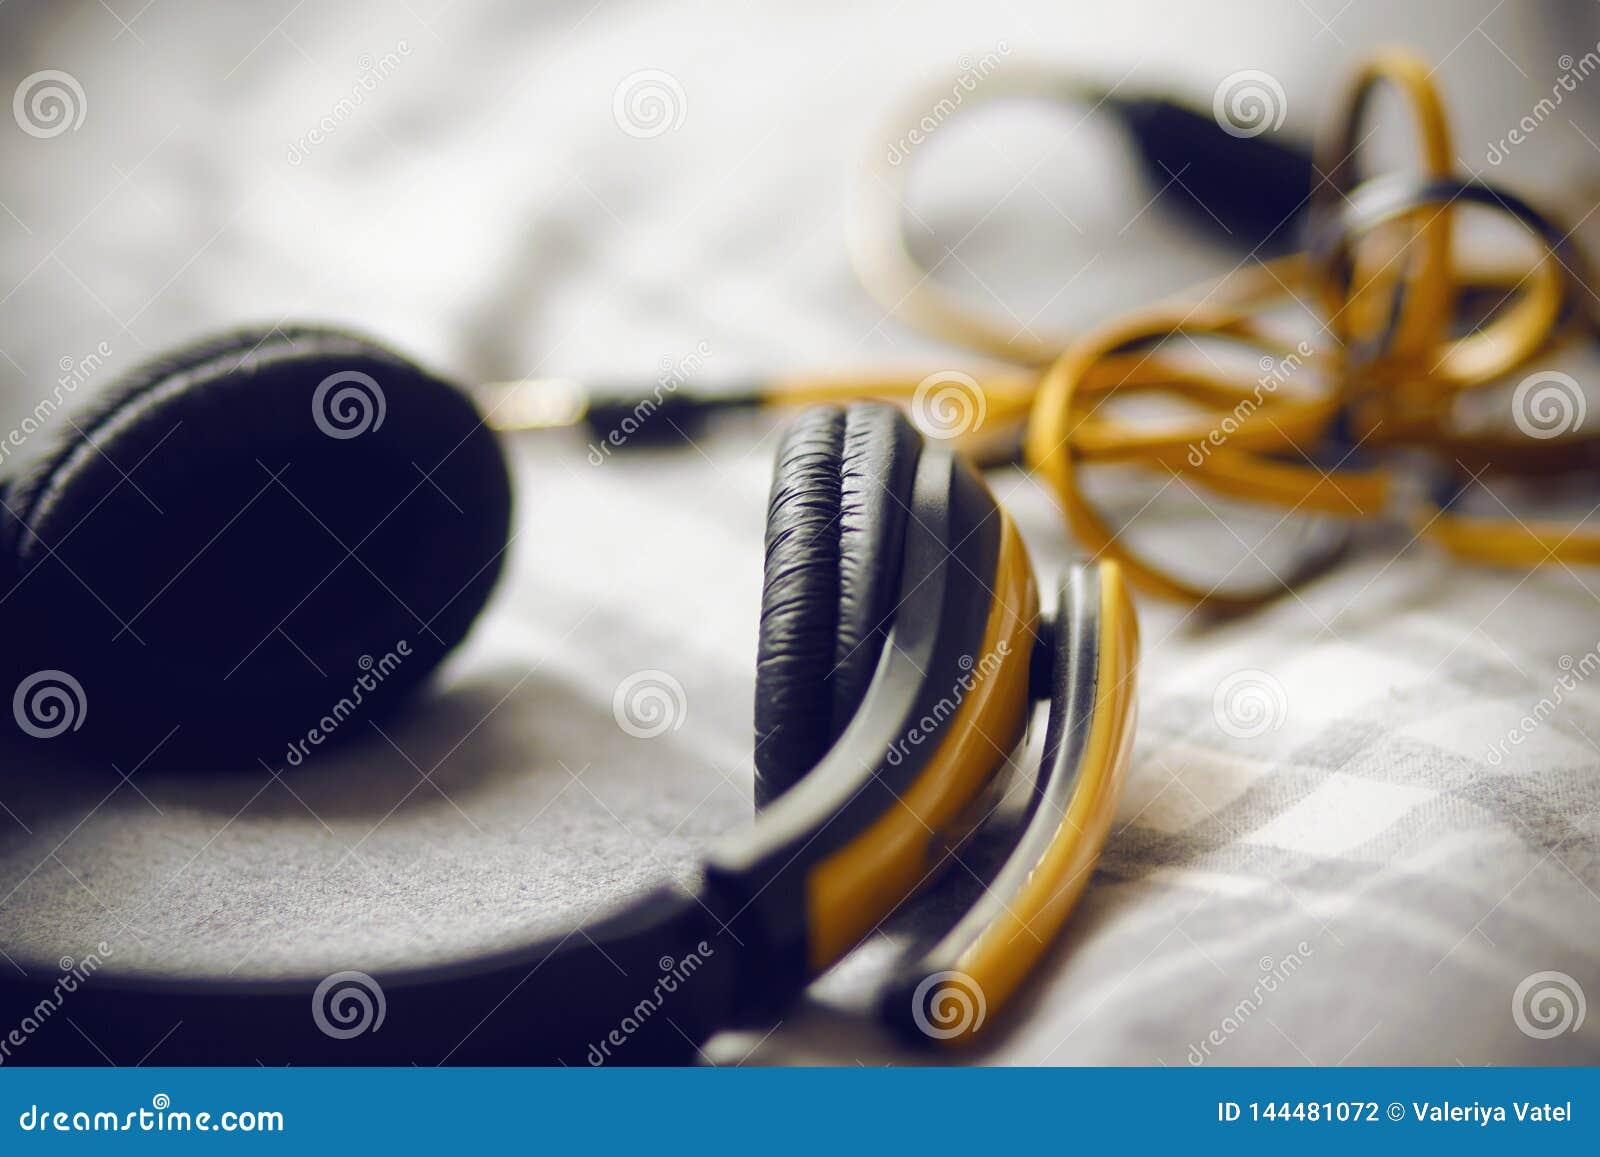 De grote gele hoofdtelefoons liggen op een grijze plaid